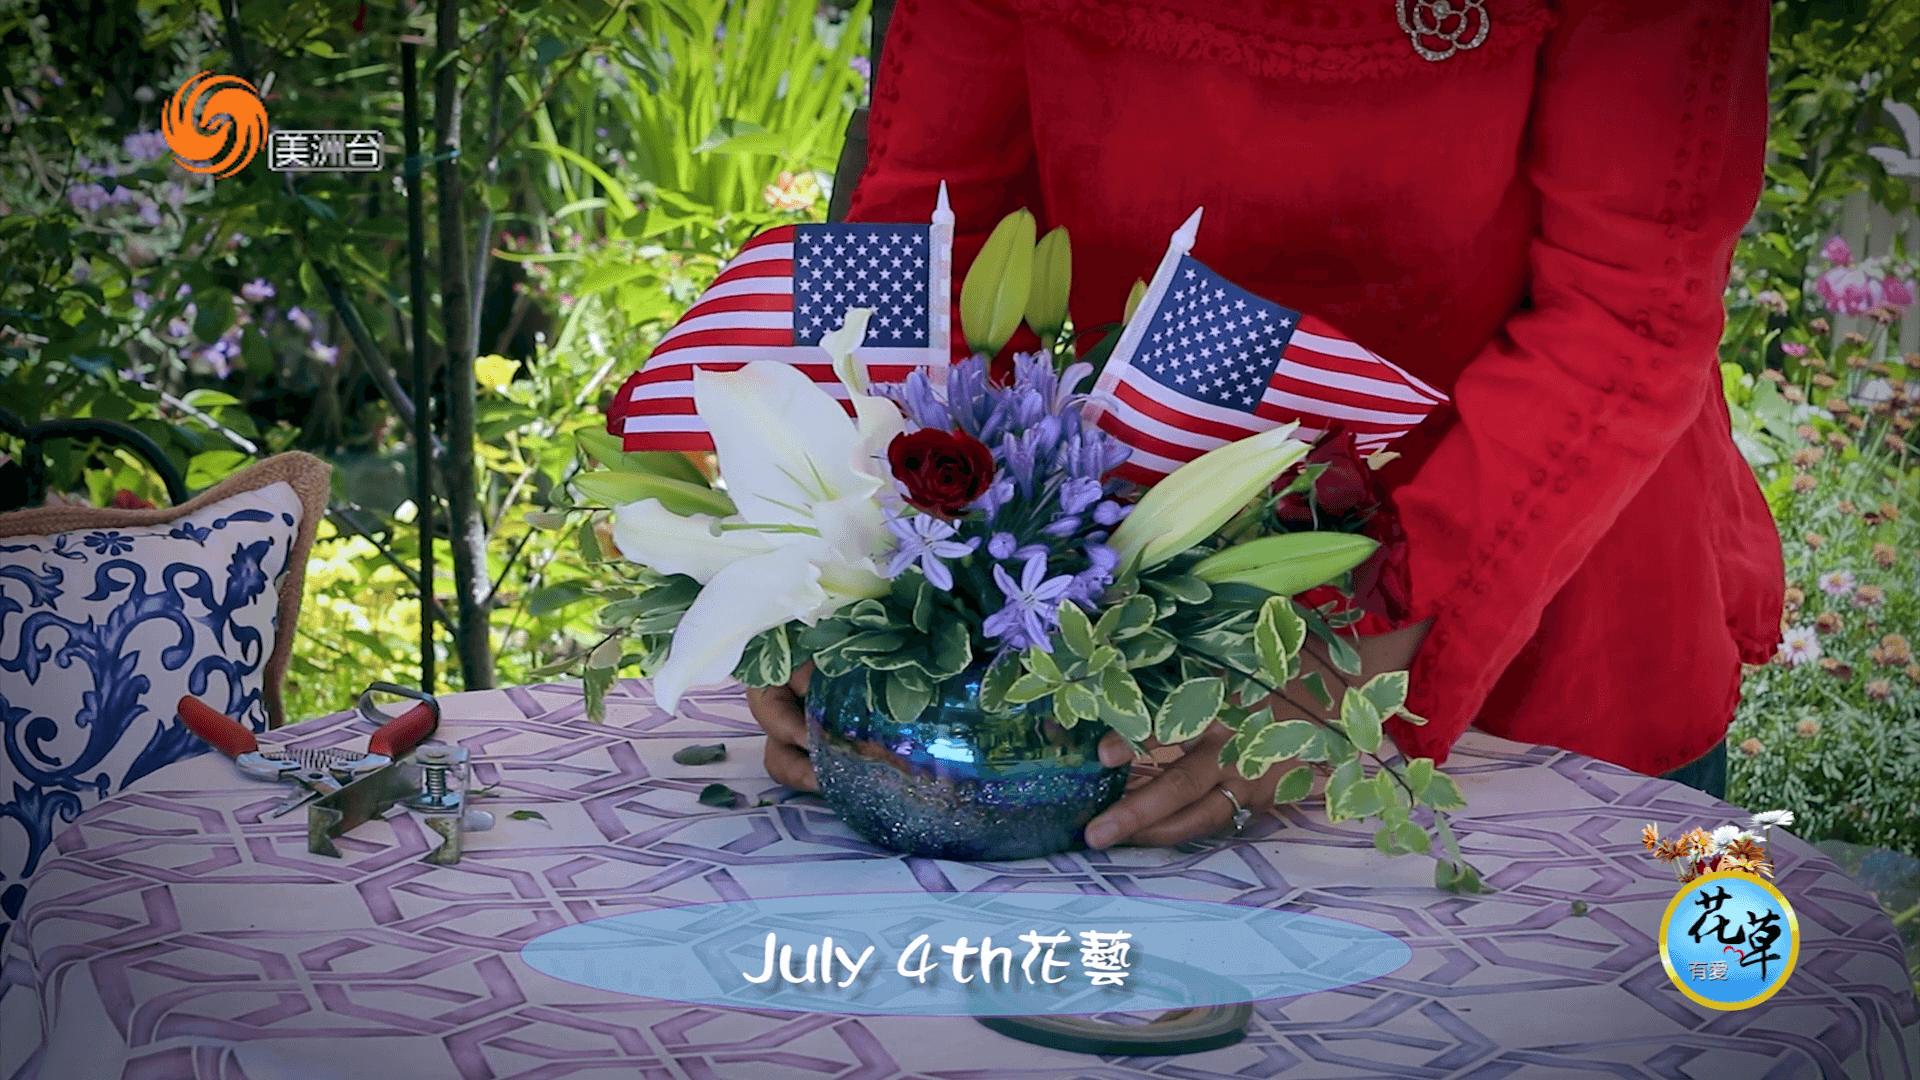 7月4日花艺